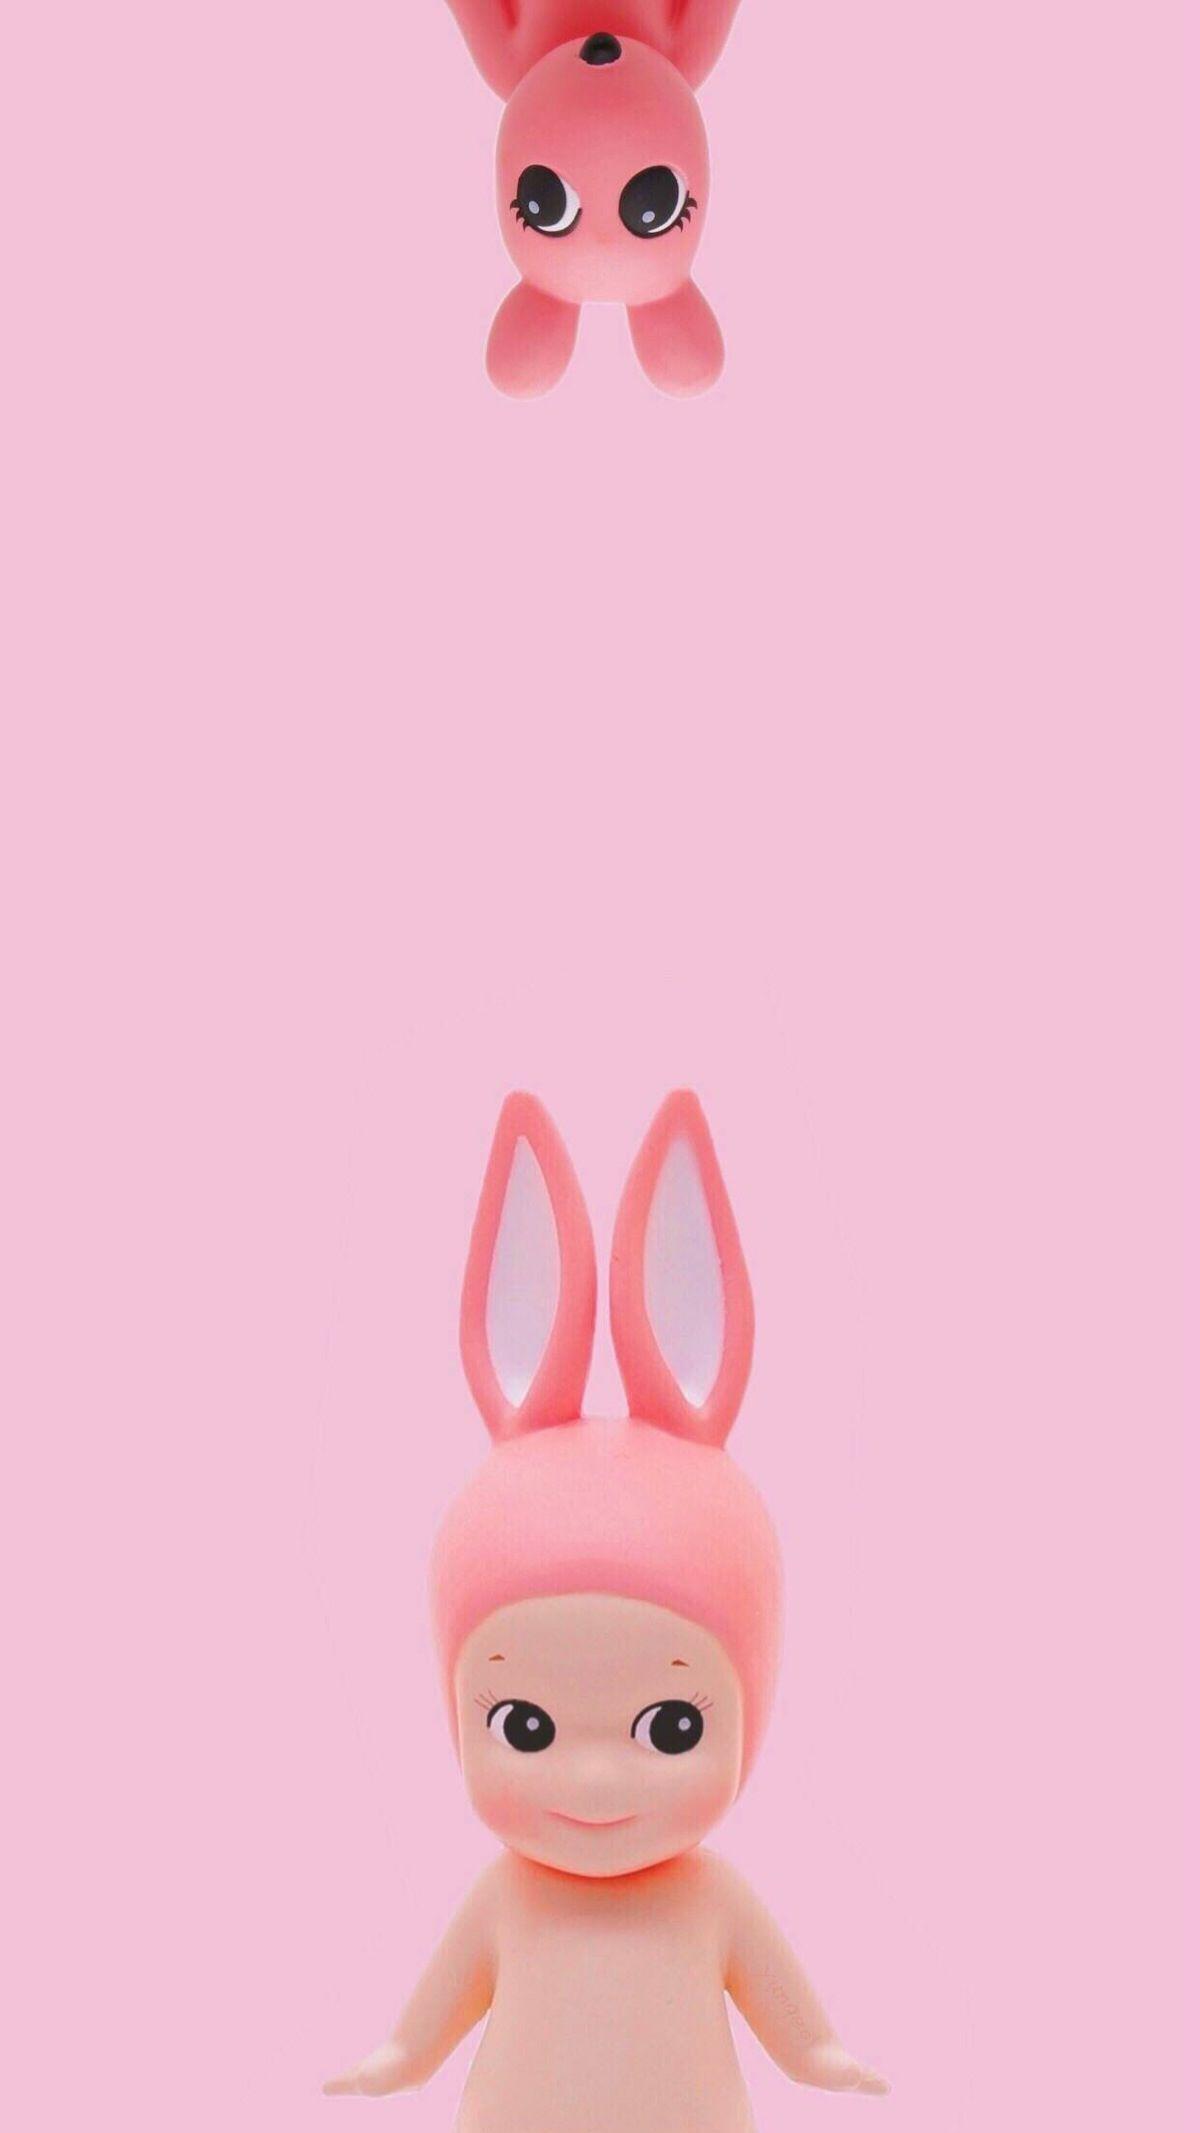 有哪些好看的粉色系的手机壁纸?